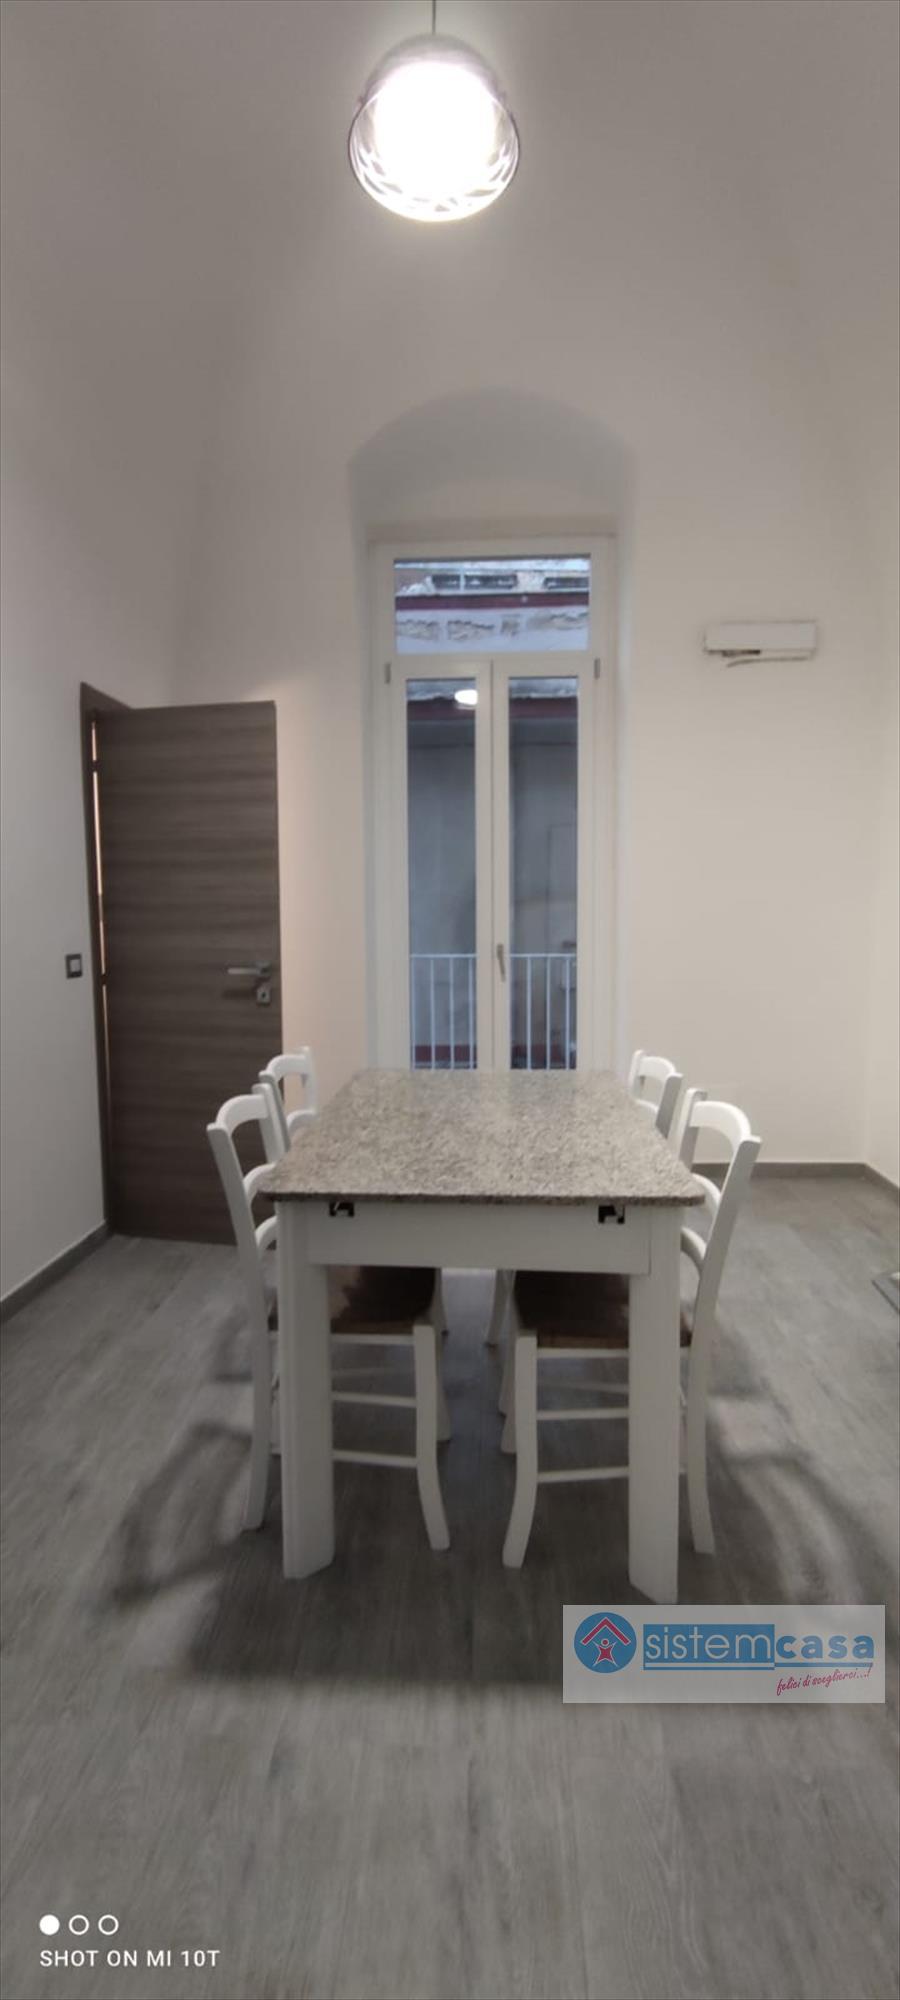 Appartamento in affitto a Corato, 2 locali, prezzo € 450   PortaleAgenzieImmobiliari.it